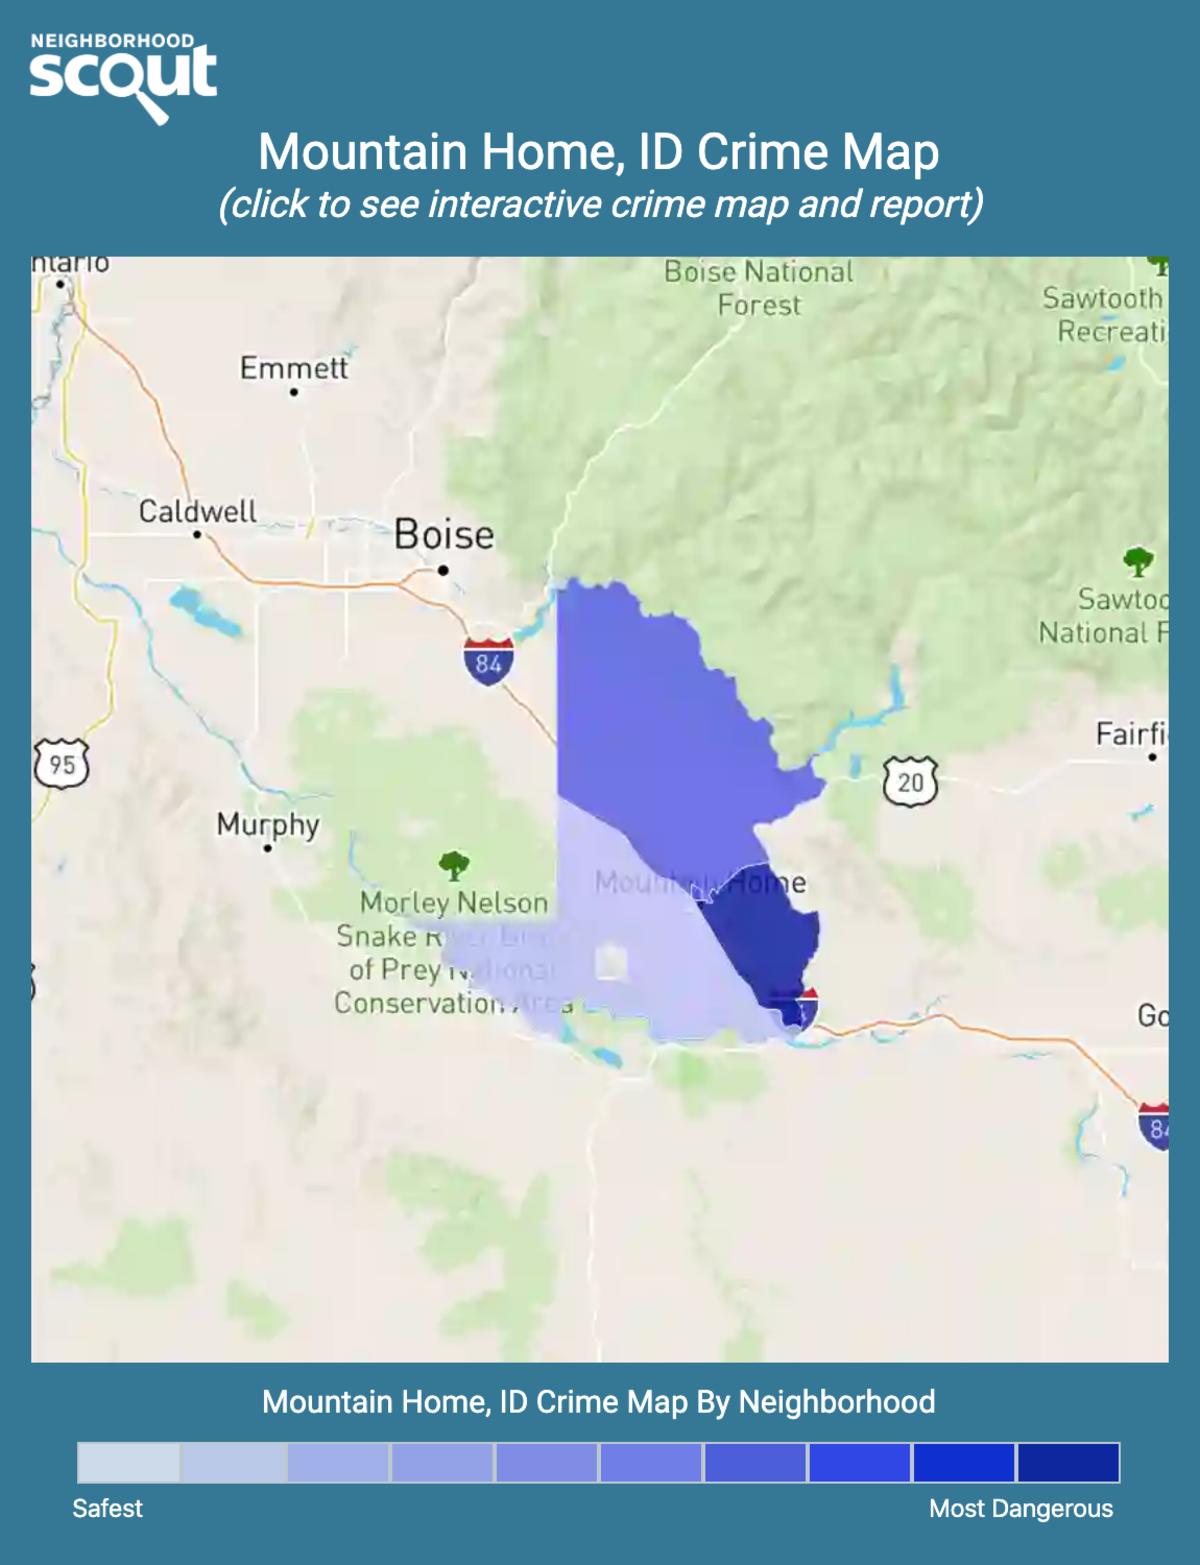 Mountain Home, Idaho crime map